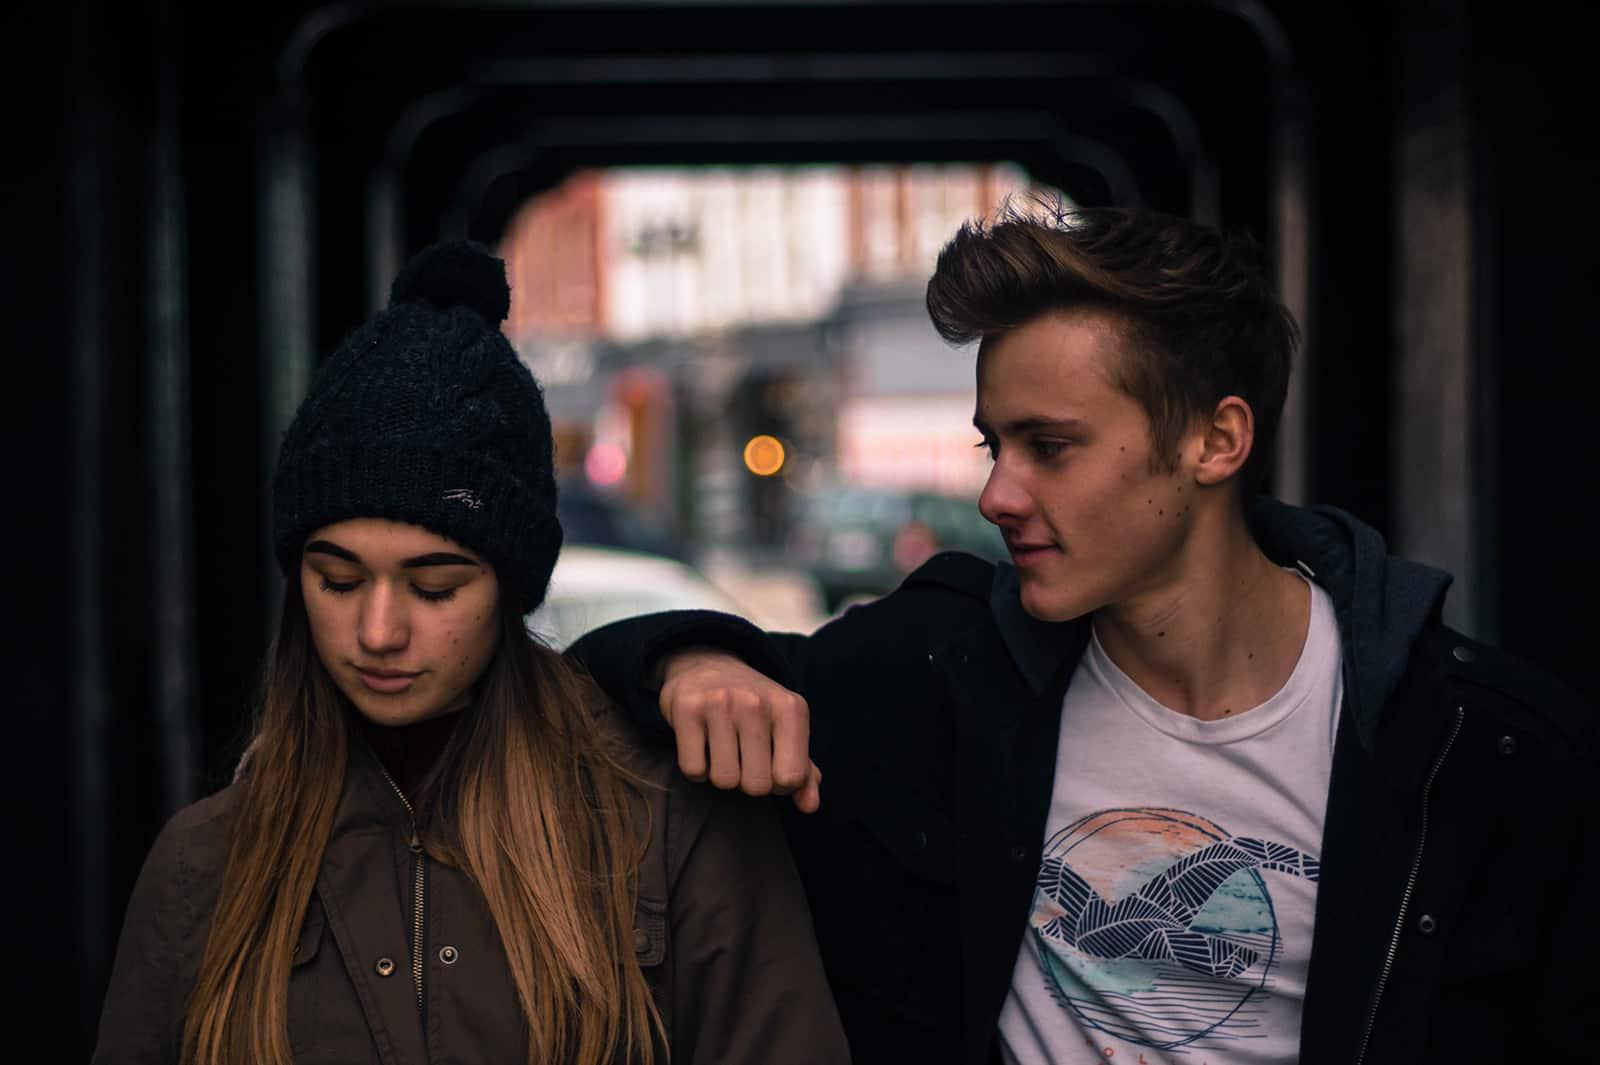 Ein Mann sah eine Frau an und lehnte seine Hand an ihre Schulter